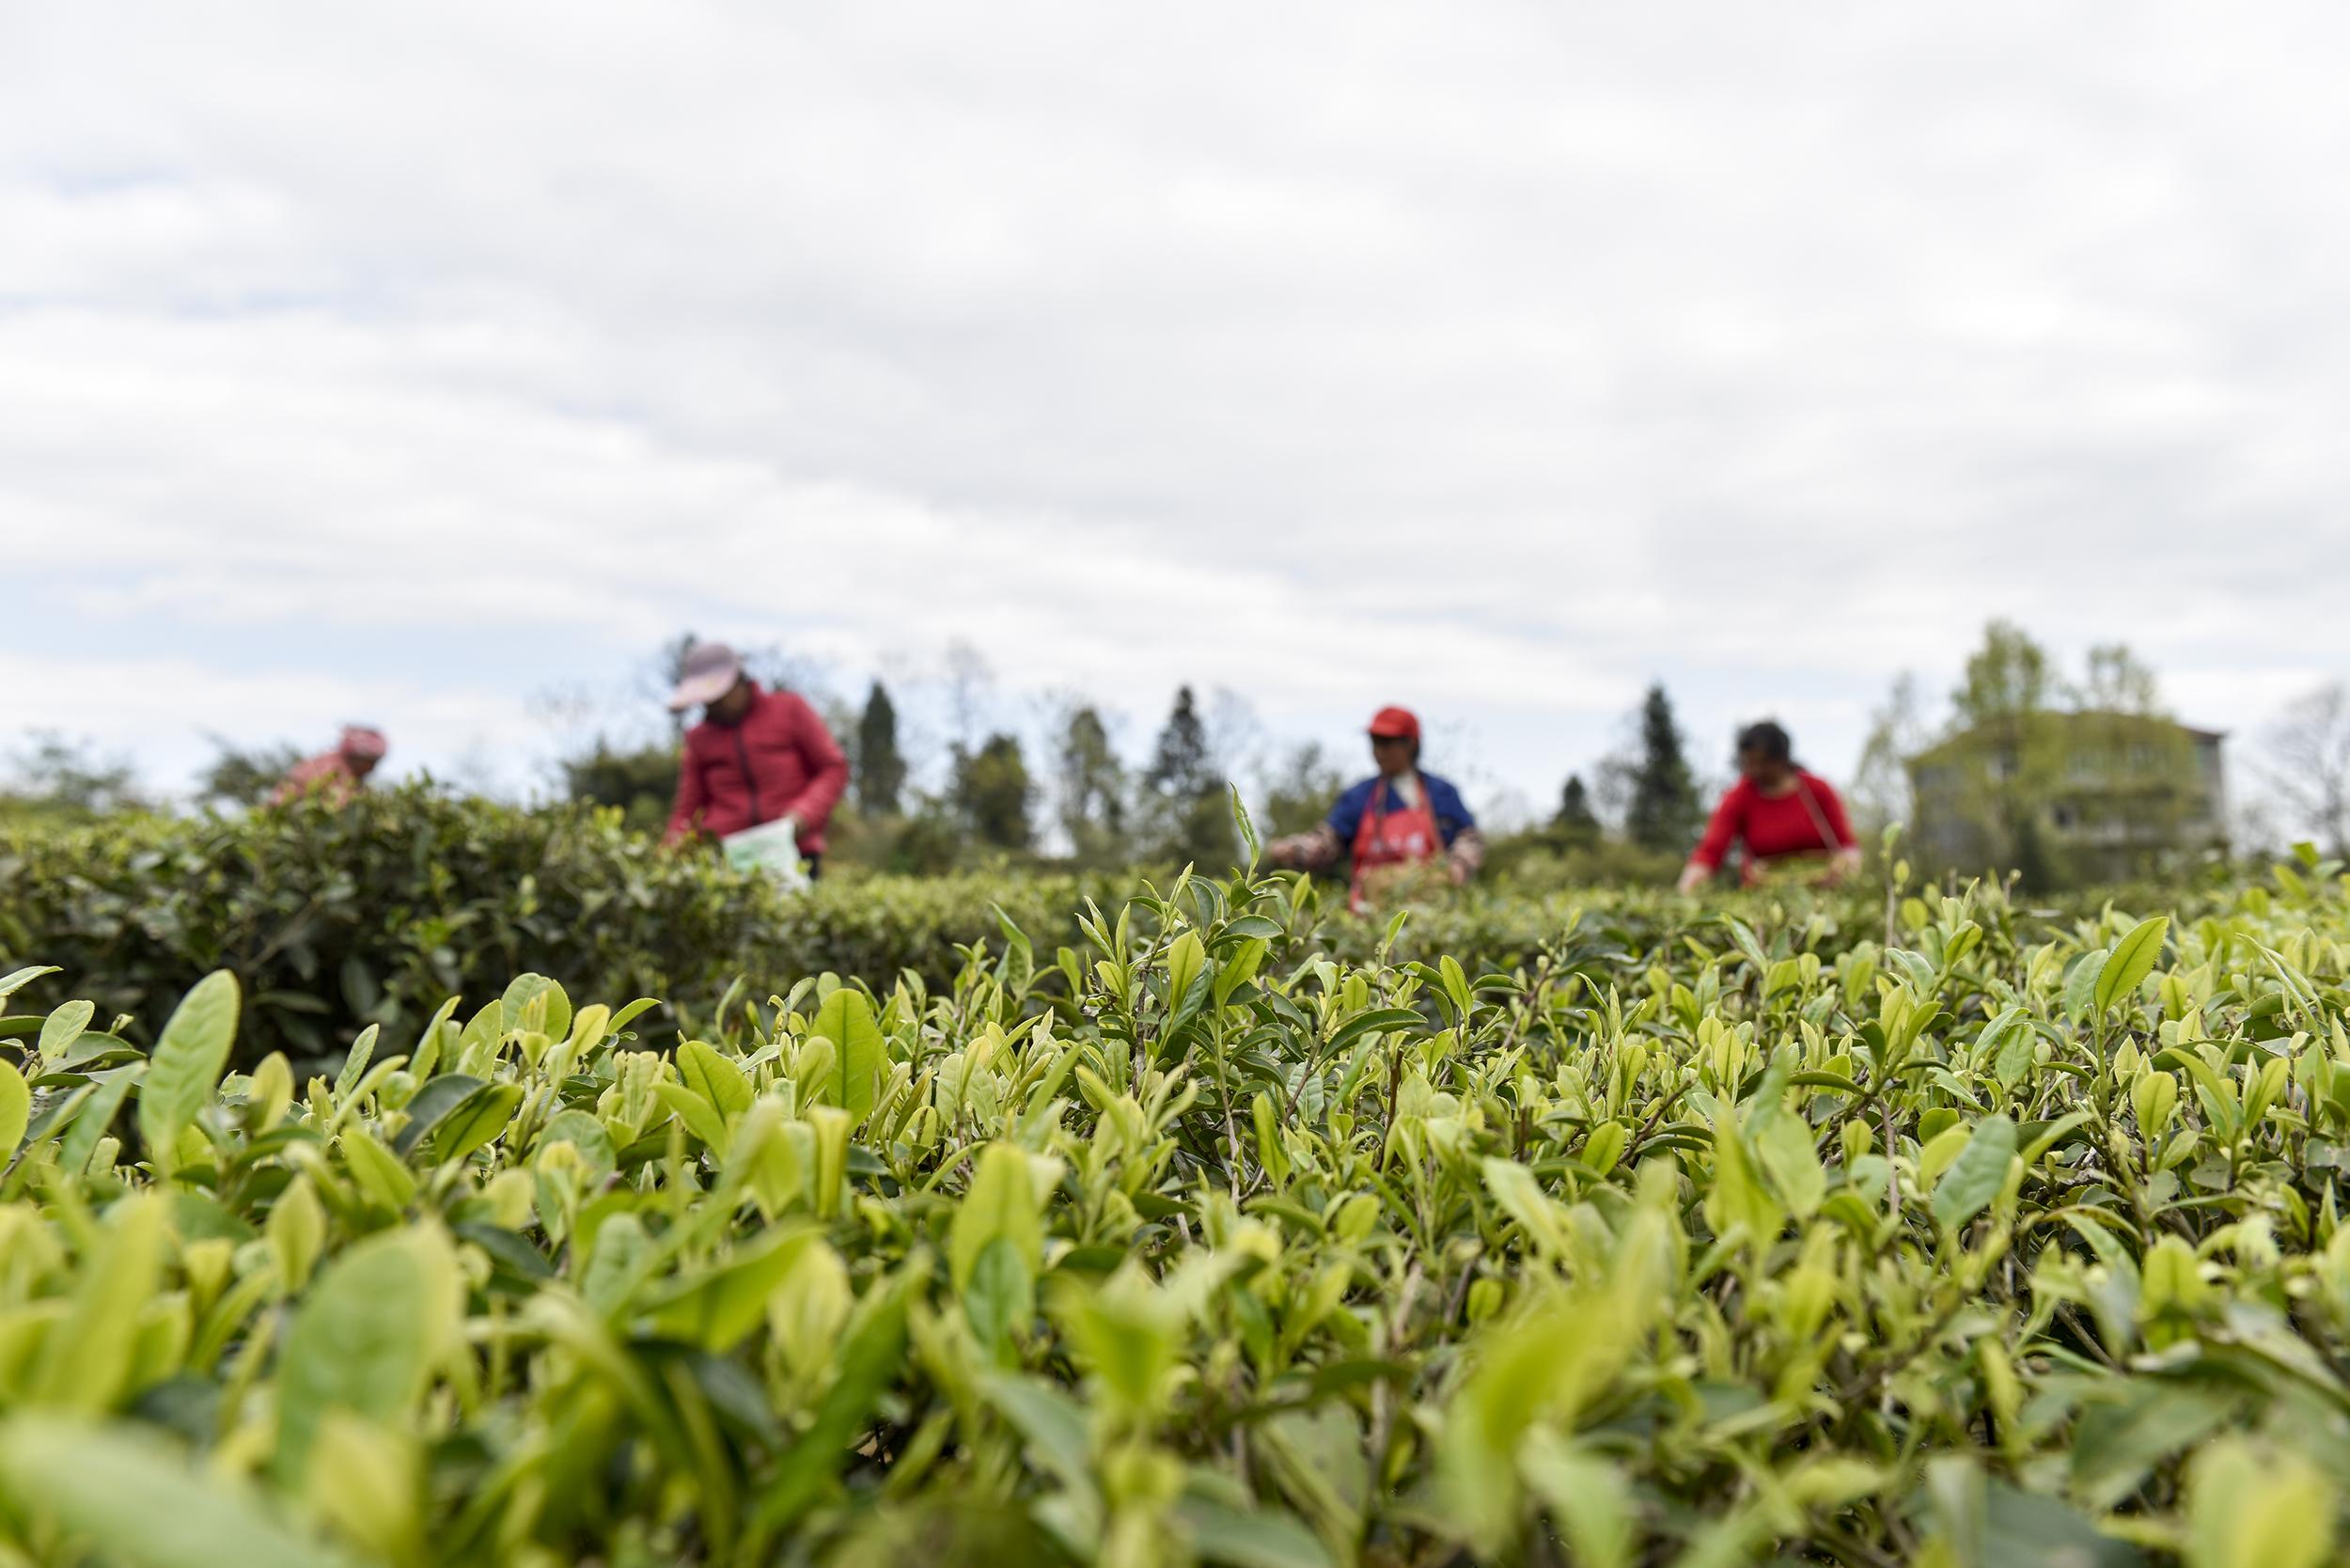 航拍|沅陵:明前碣滩茶开采